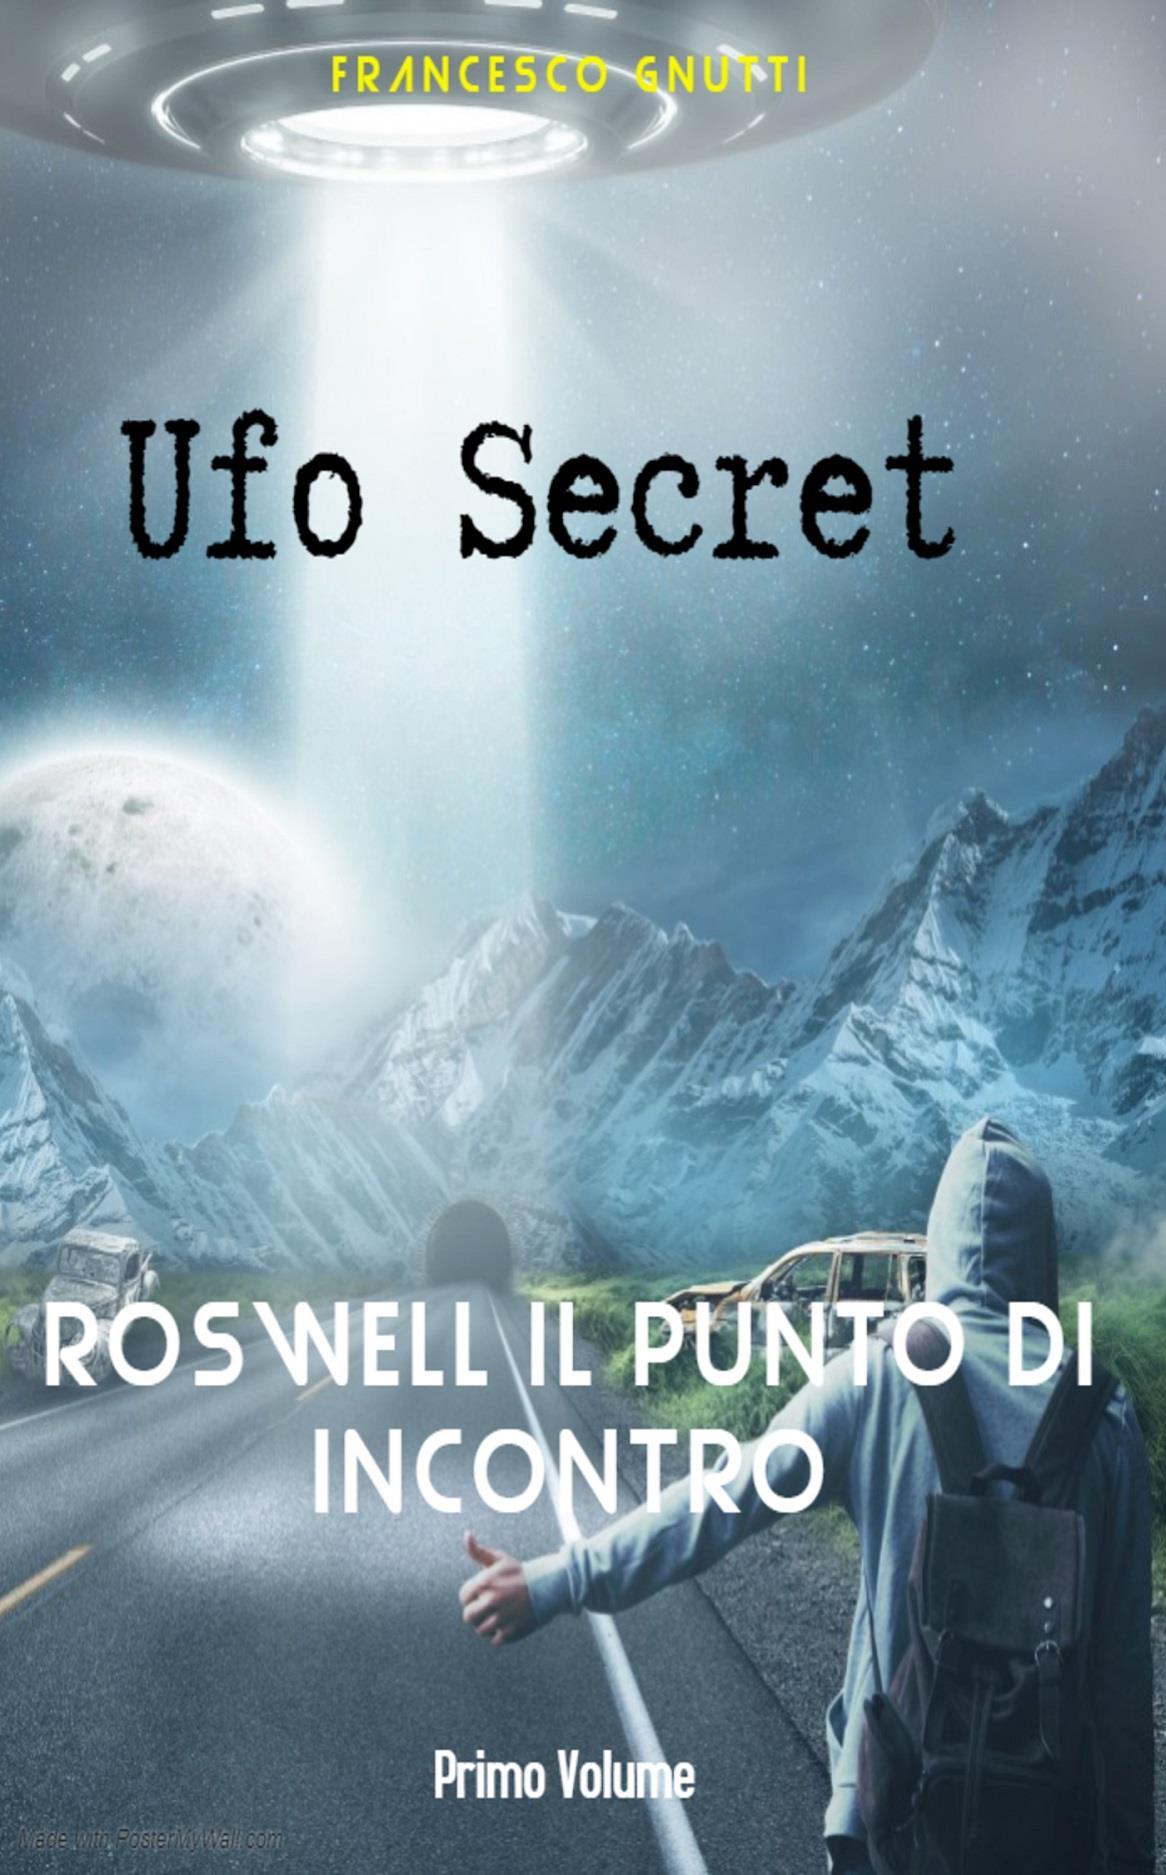 Ufo secret: Roswell il punto di incontro